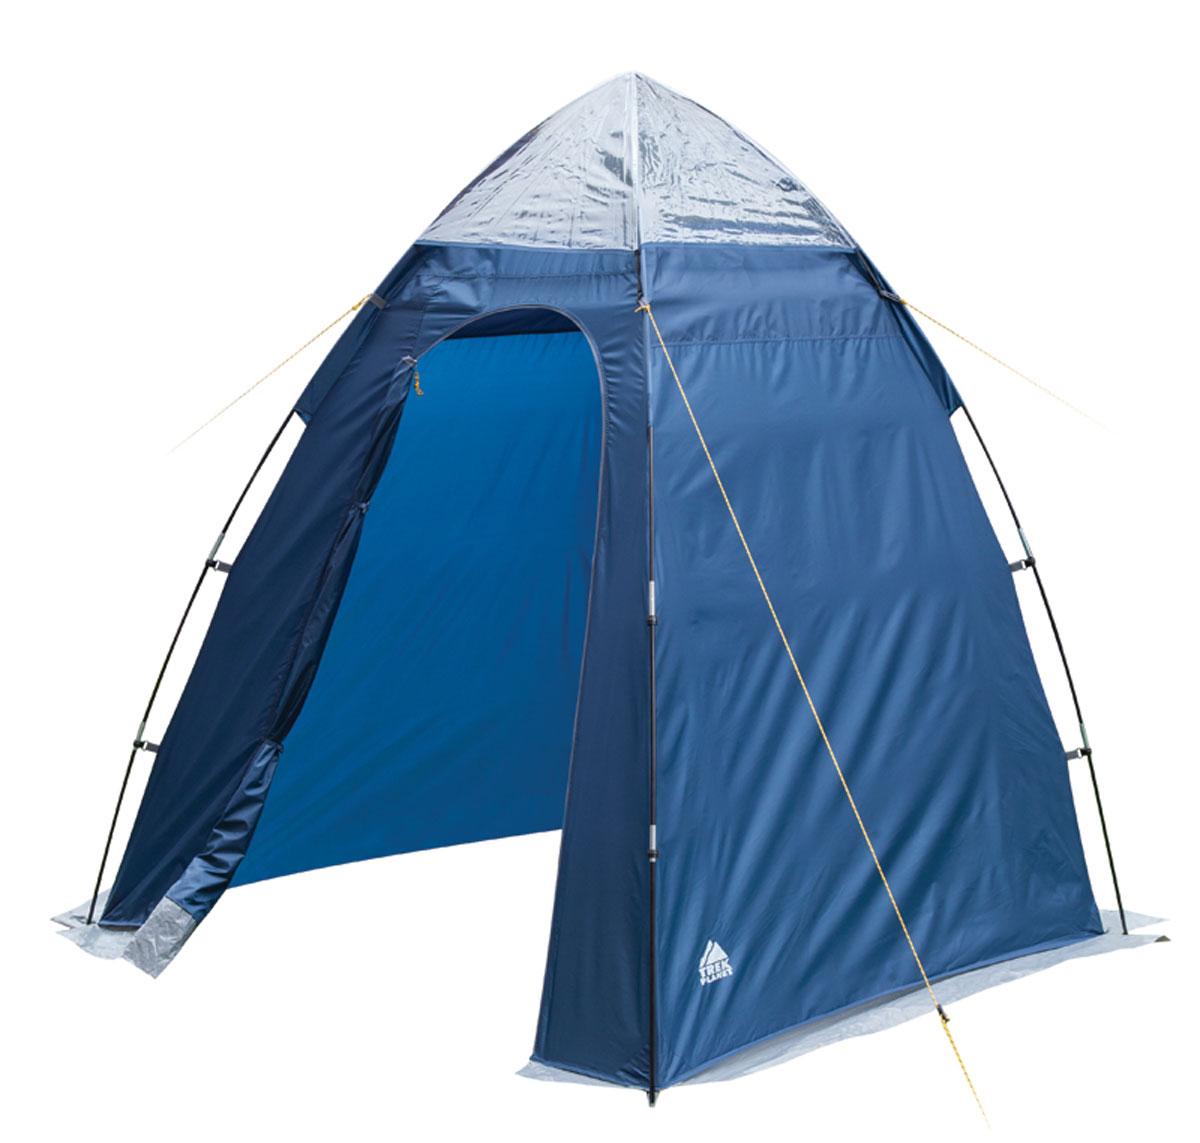 """Тент Trek Planet """"Aqua Tent"""" для душа/туалета, 165 см х 165 см х 200 см, цвет: синий, голубой 70254"""